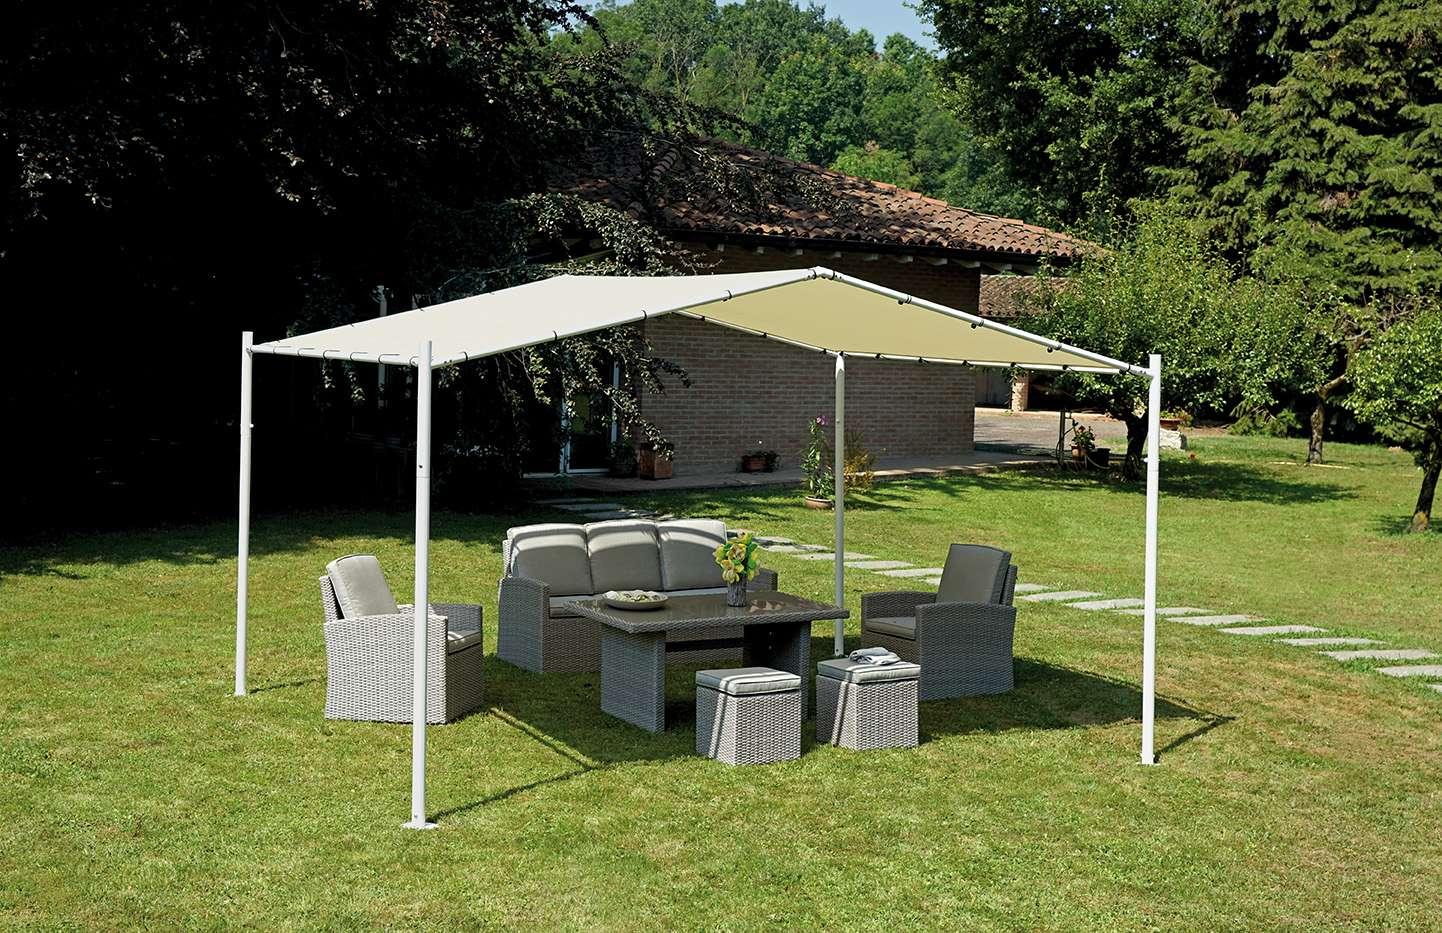 Gazebo milano 3 5x4 m greenwood mobili da giardino for Ombrelloni da giardino milano